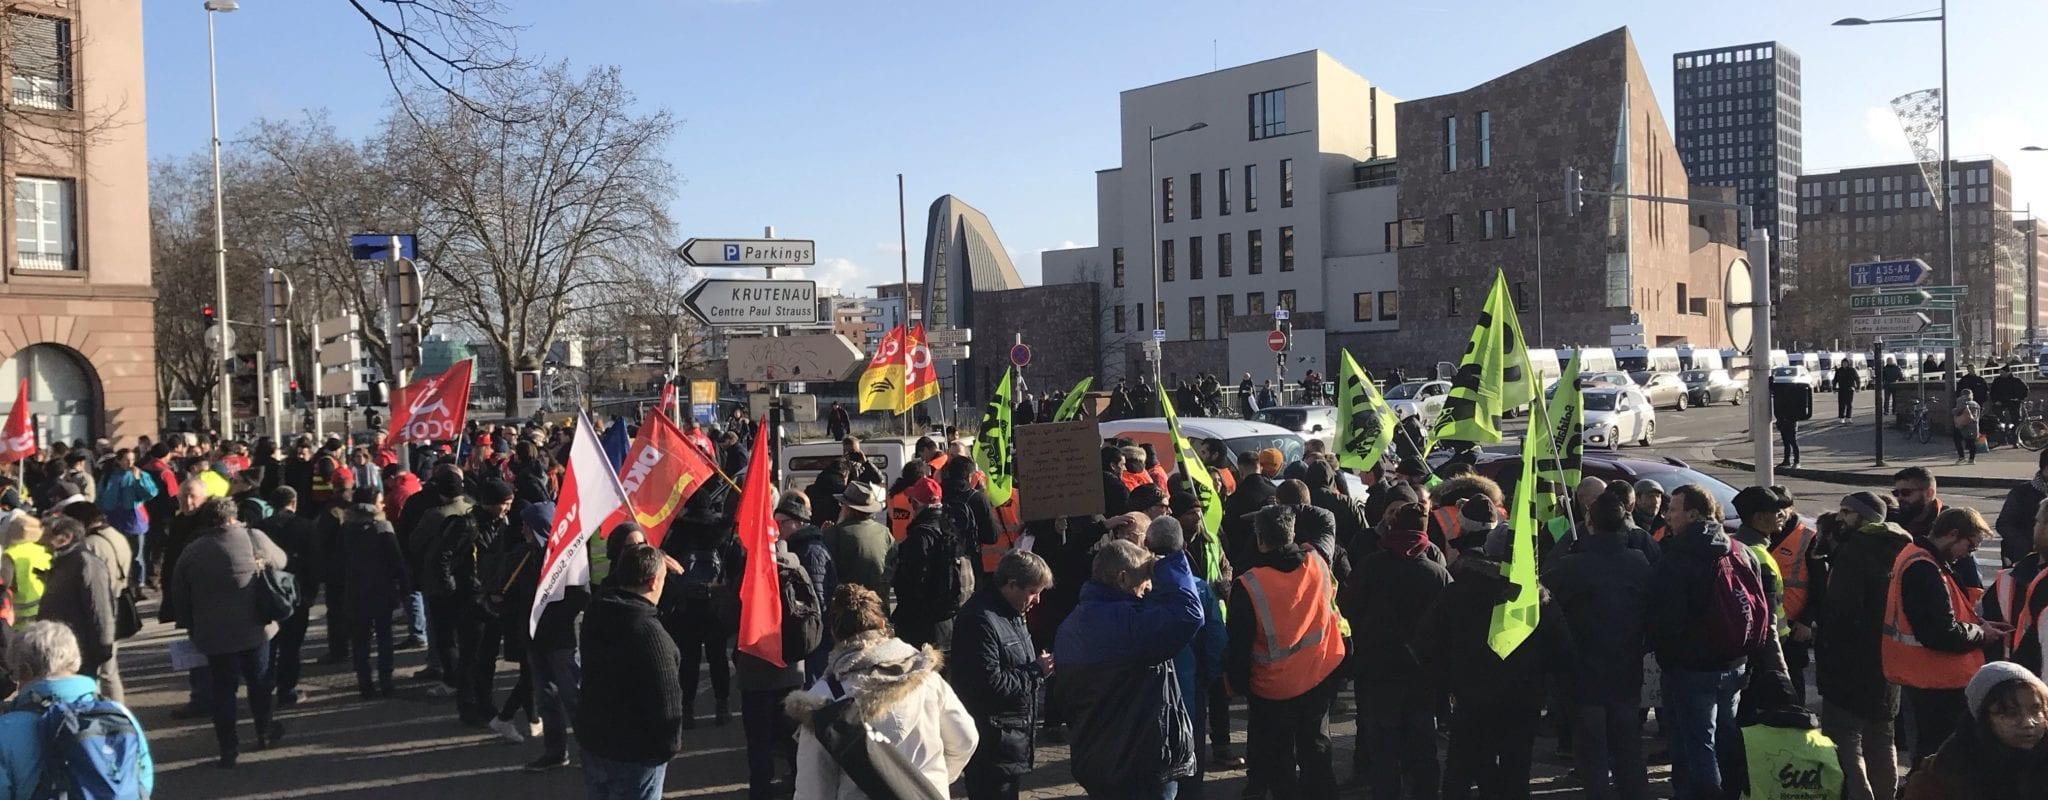 Plus de 3000 personnes ont manifesté pour la deuxième fois contre la réforme des retraites